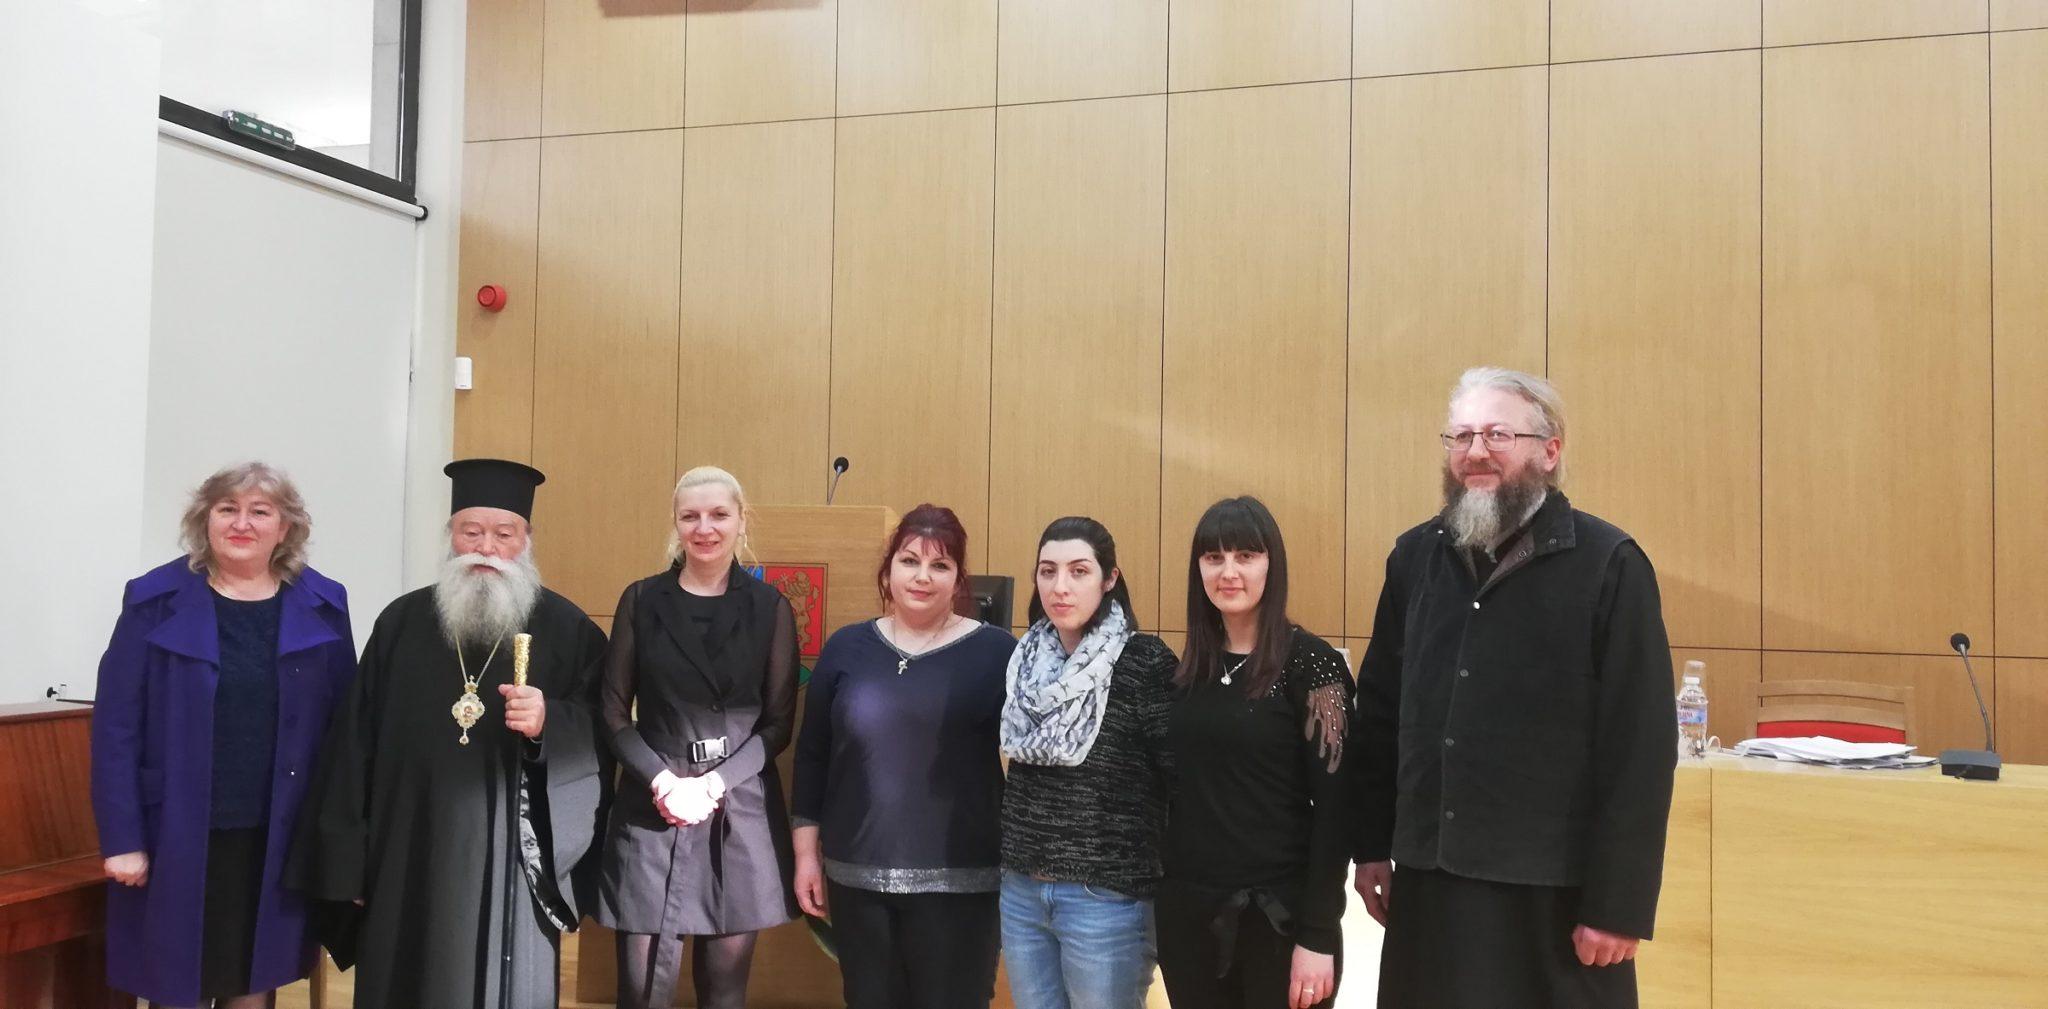 """Учители от начален етап и ръководството на ОУ """"Иван Хаджийски"""" участваха в работна среща по въпросите, свързани с преподаване на религия в училище."""